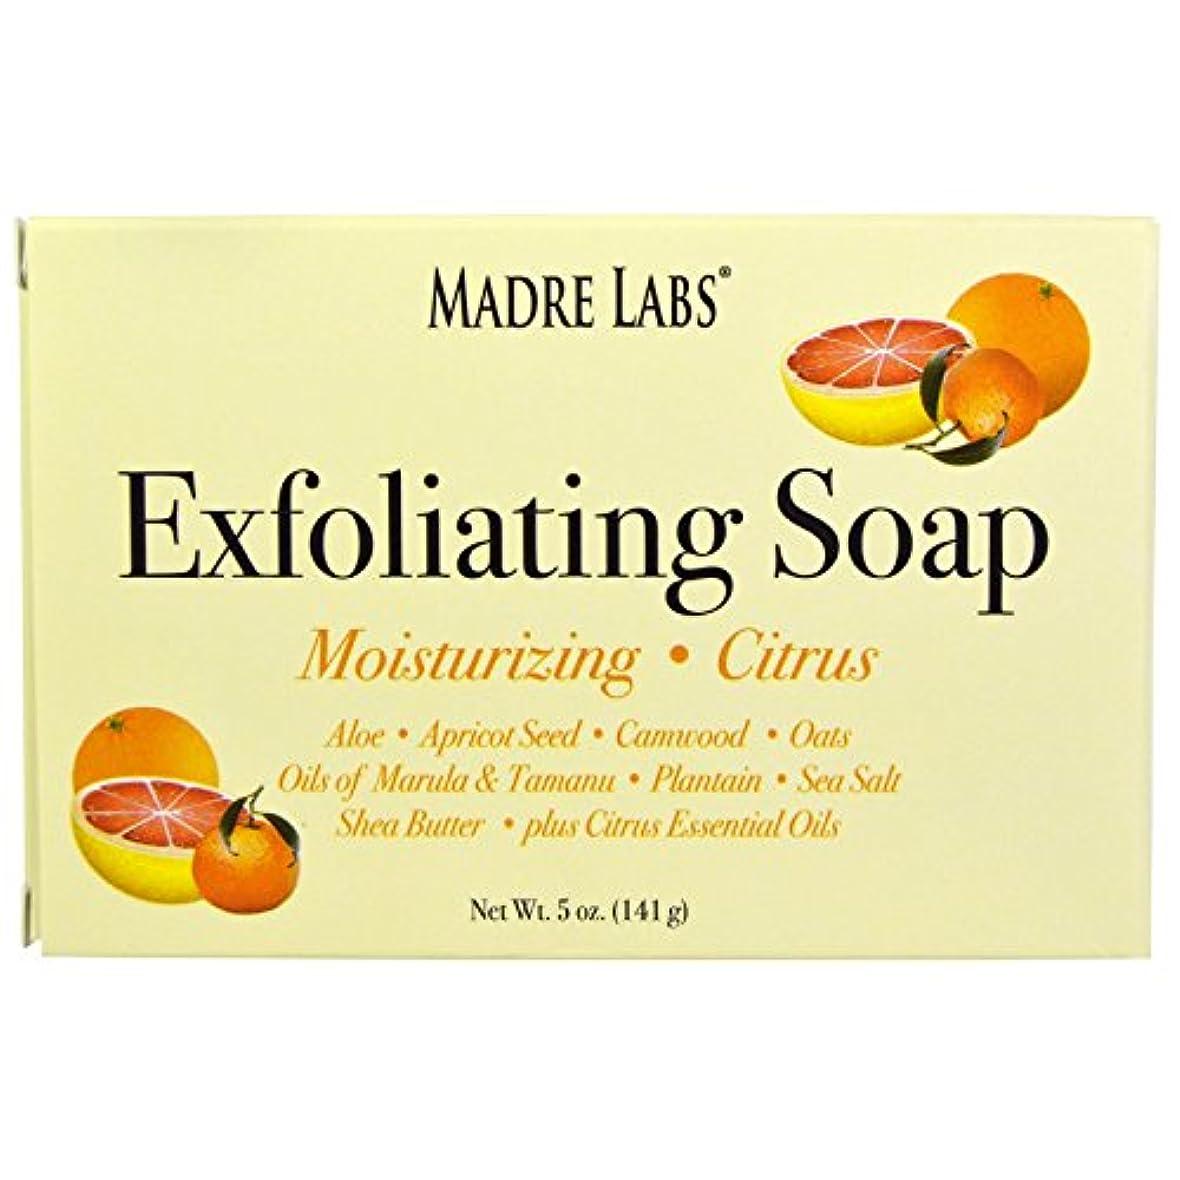 リンク喪南極マドレラブ シアバター入り石鹸 柑橘フレーバー Madre Labs Exfoliating Soap Bar with Marula & Tamanu Oils plus Shea Butter